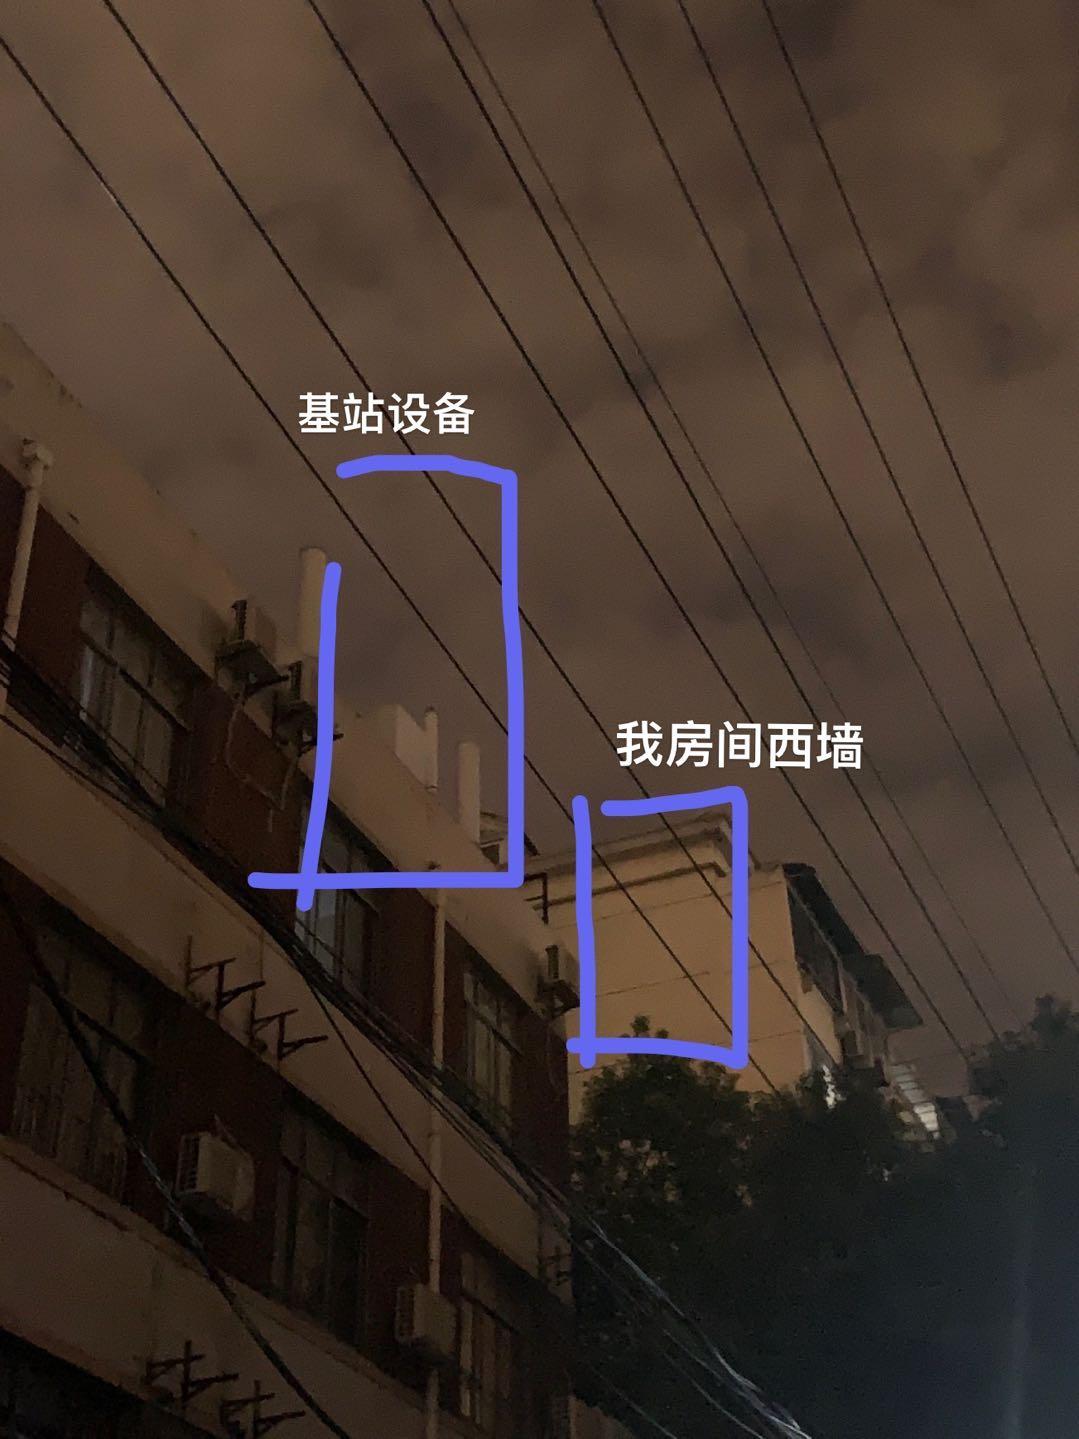 [续] 家中电场强度很高的调查结果